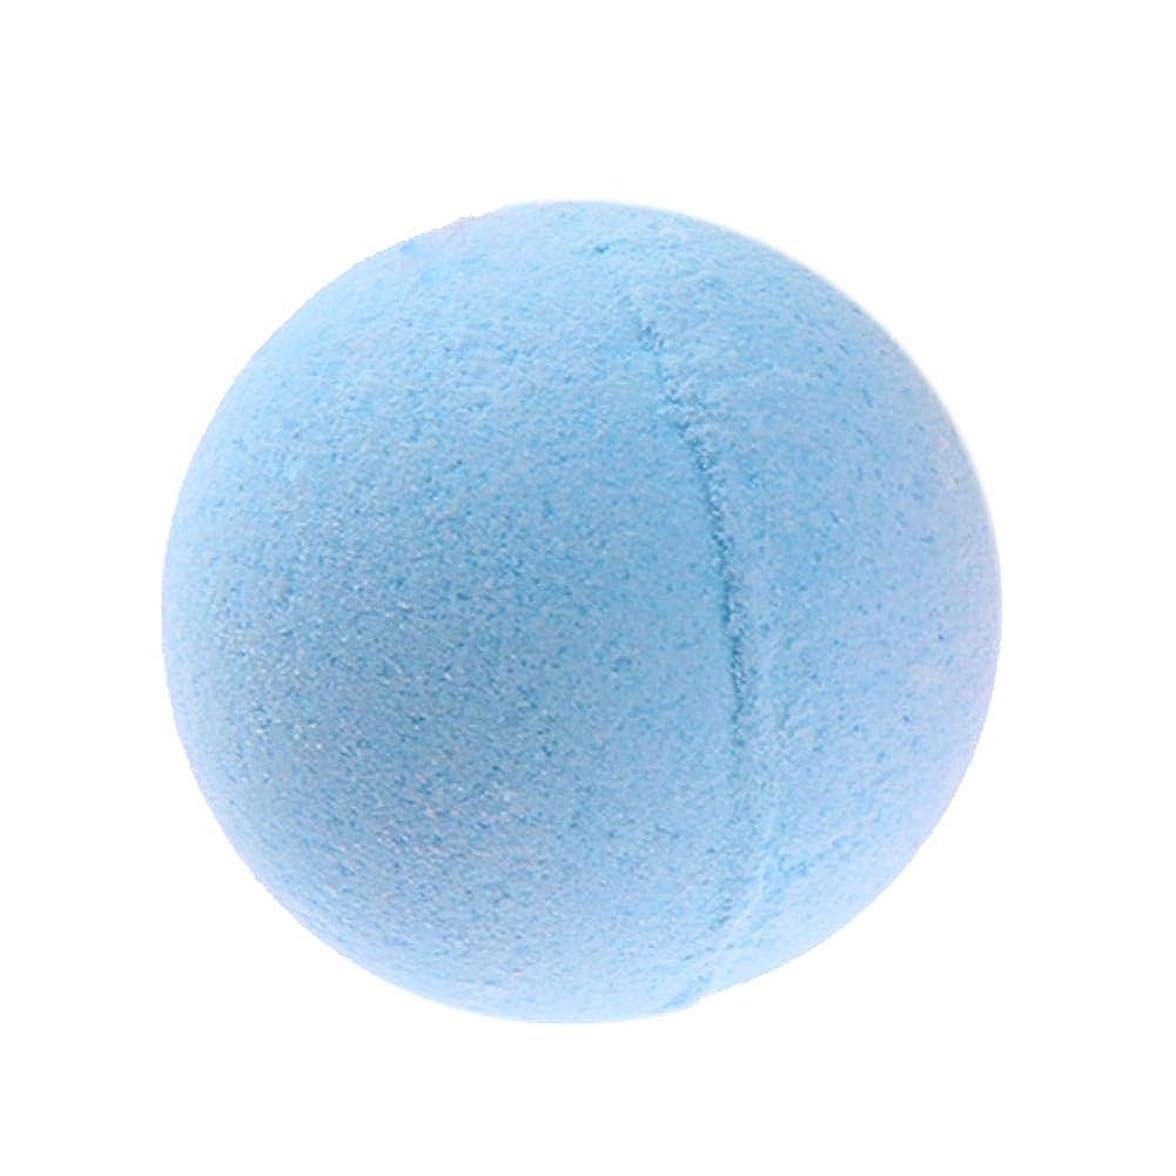 合成ささいな崇拝しますバスボール ボディスキンホワイトニング バスソルト リラックス ストレスリリーフ バブルシャワー 爆弾ボール 1pc Lushandy